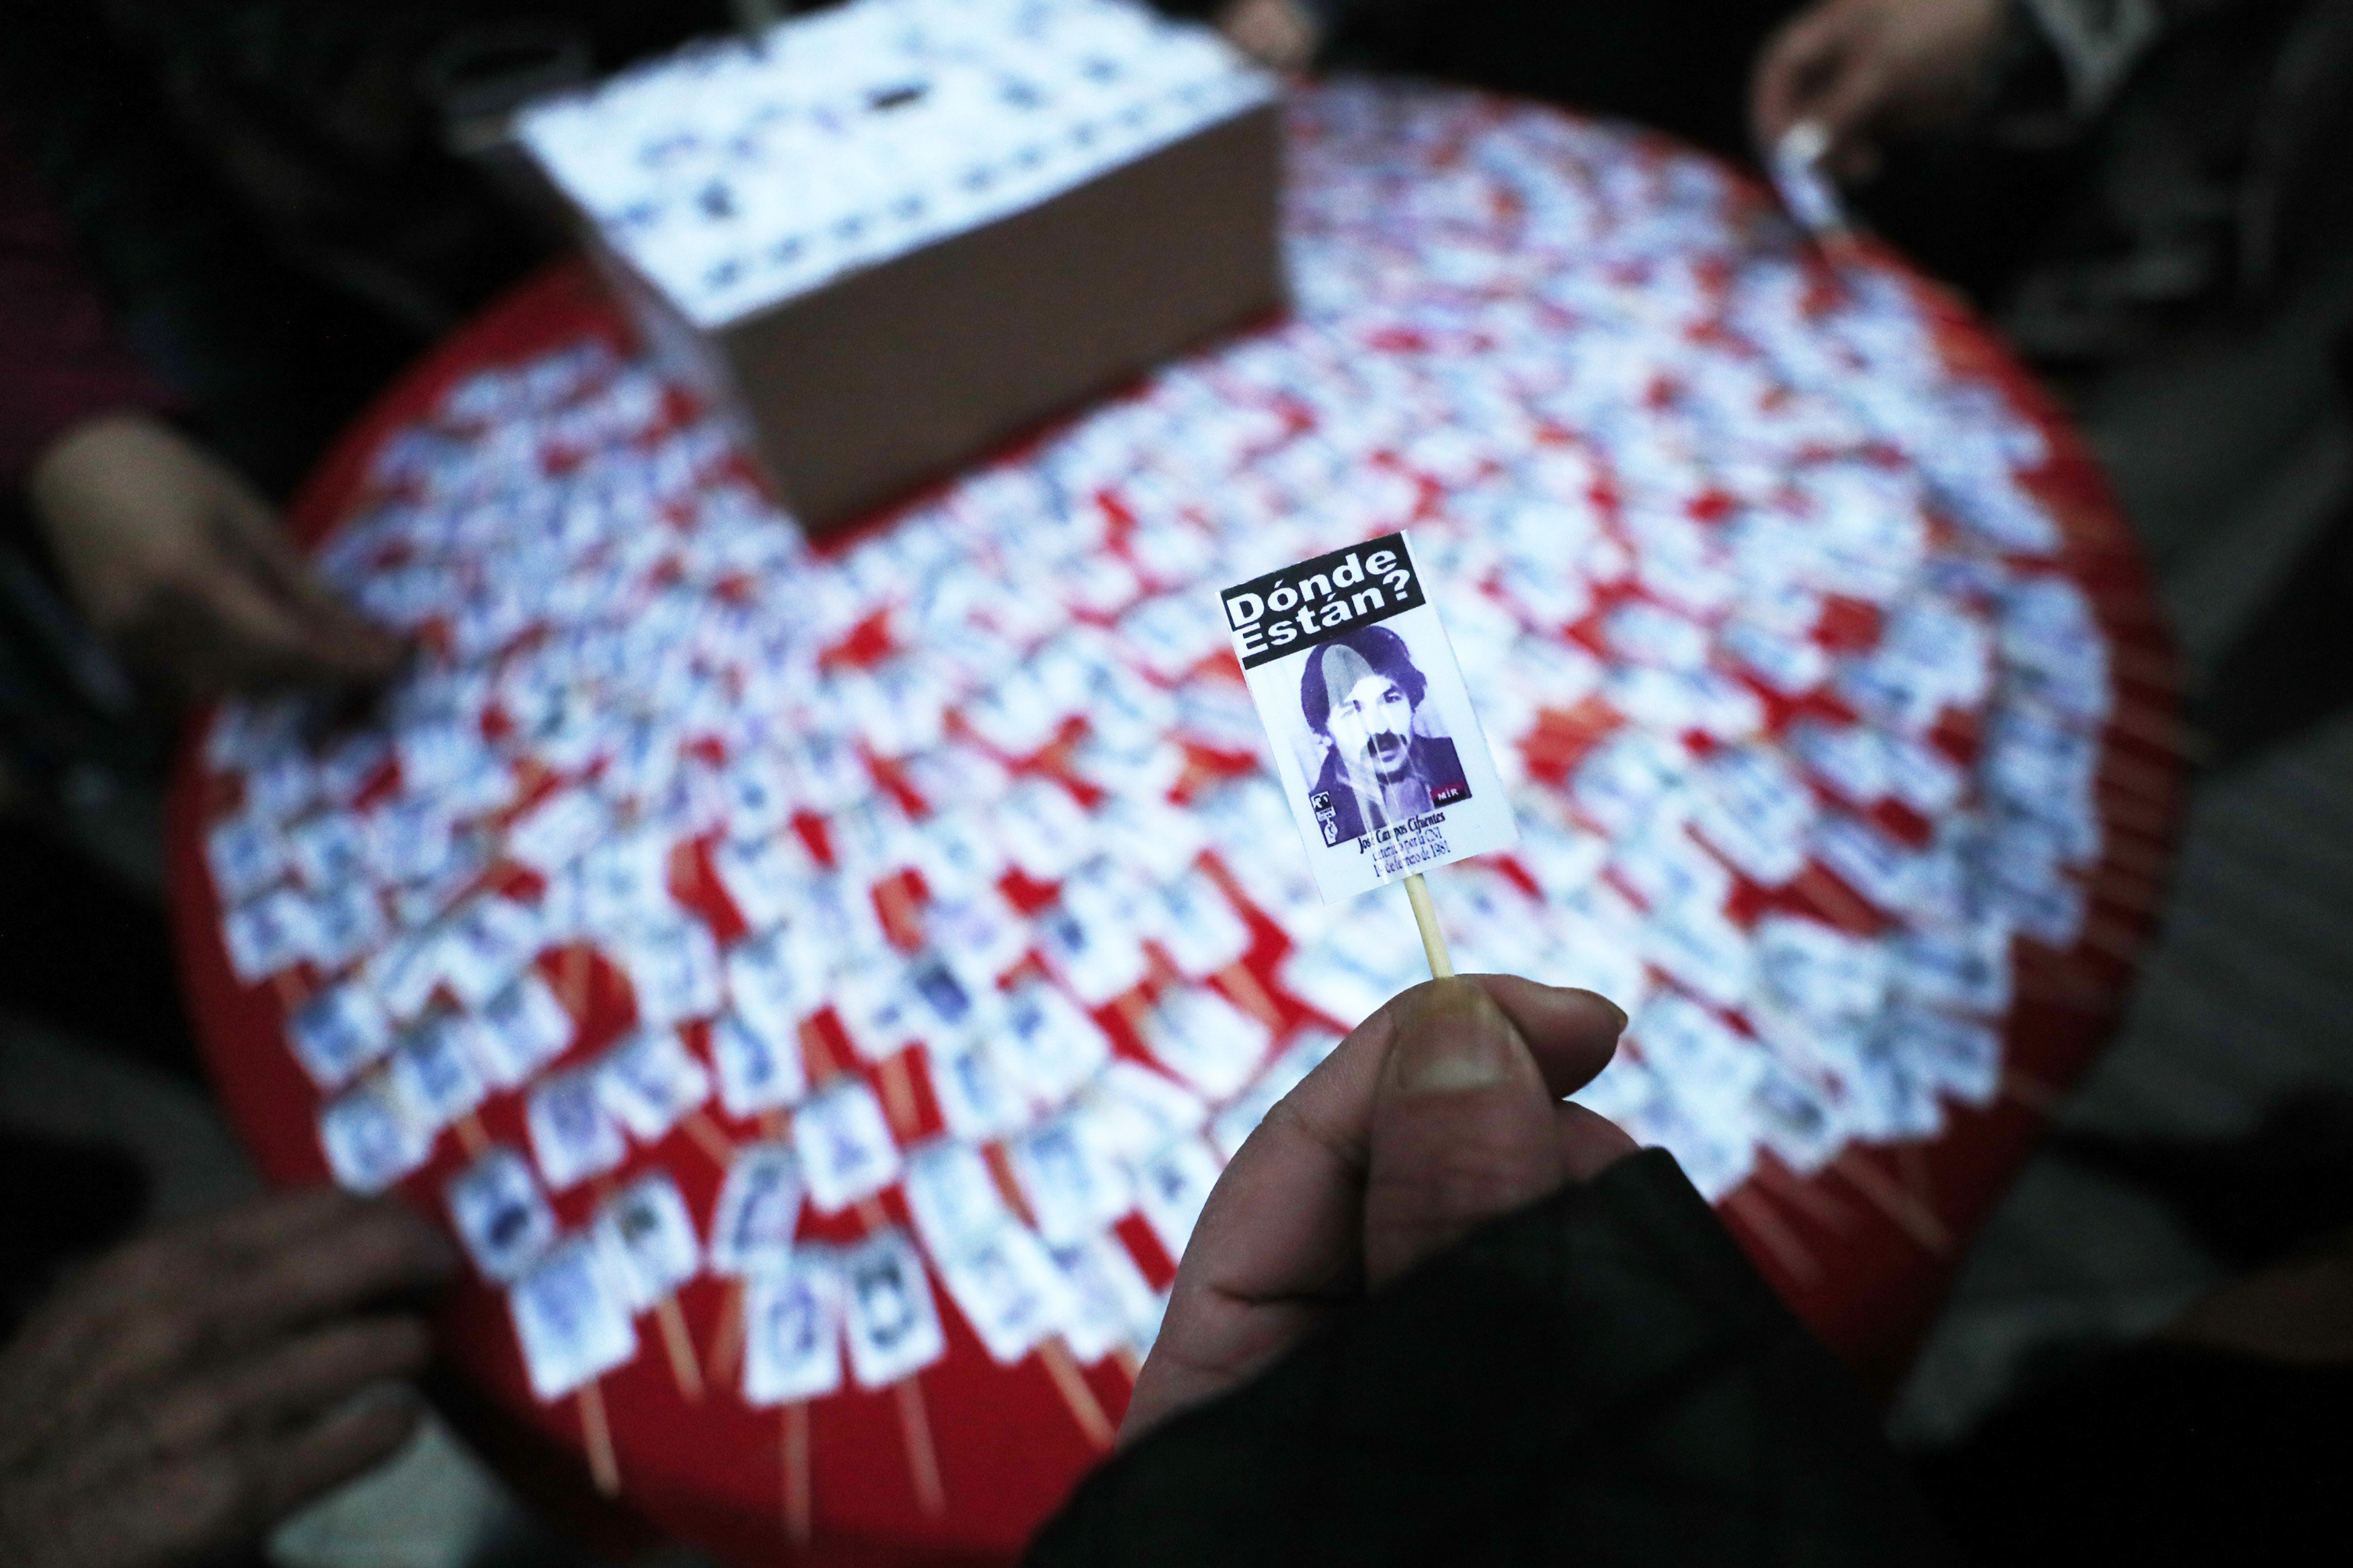 Una persona observa la fotografia d'un detingut desaparegut en un acte de commemoració del Dia Internacional de les Víctimes de Desaparicions Forçades, a Santiago (Xile). /MARIO RUIZ